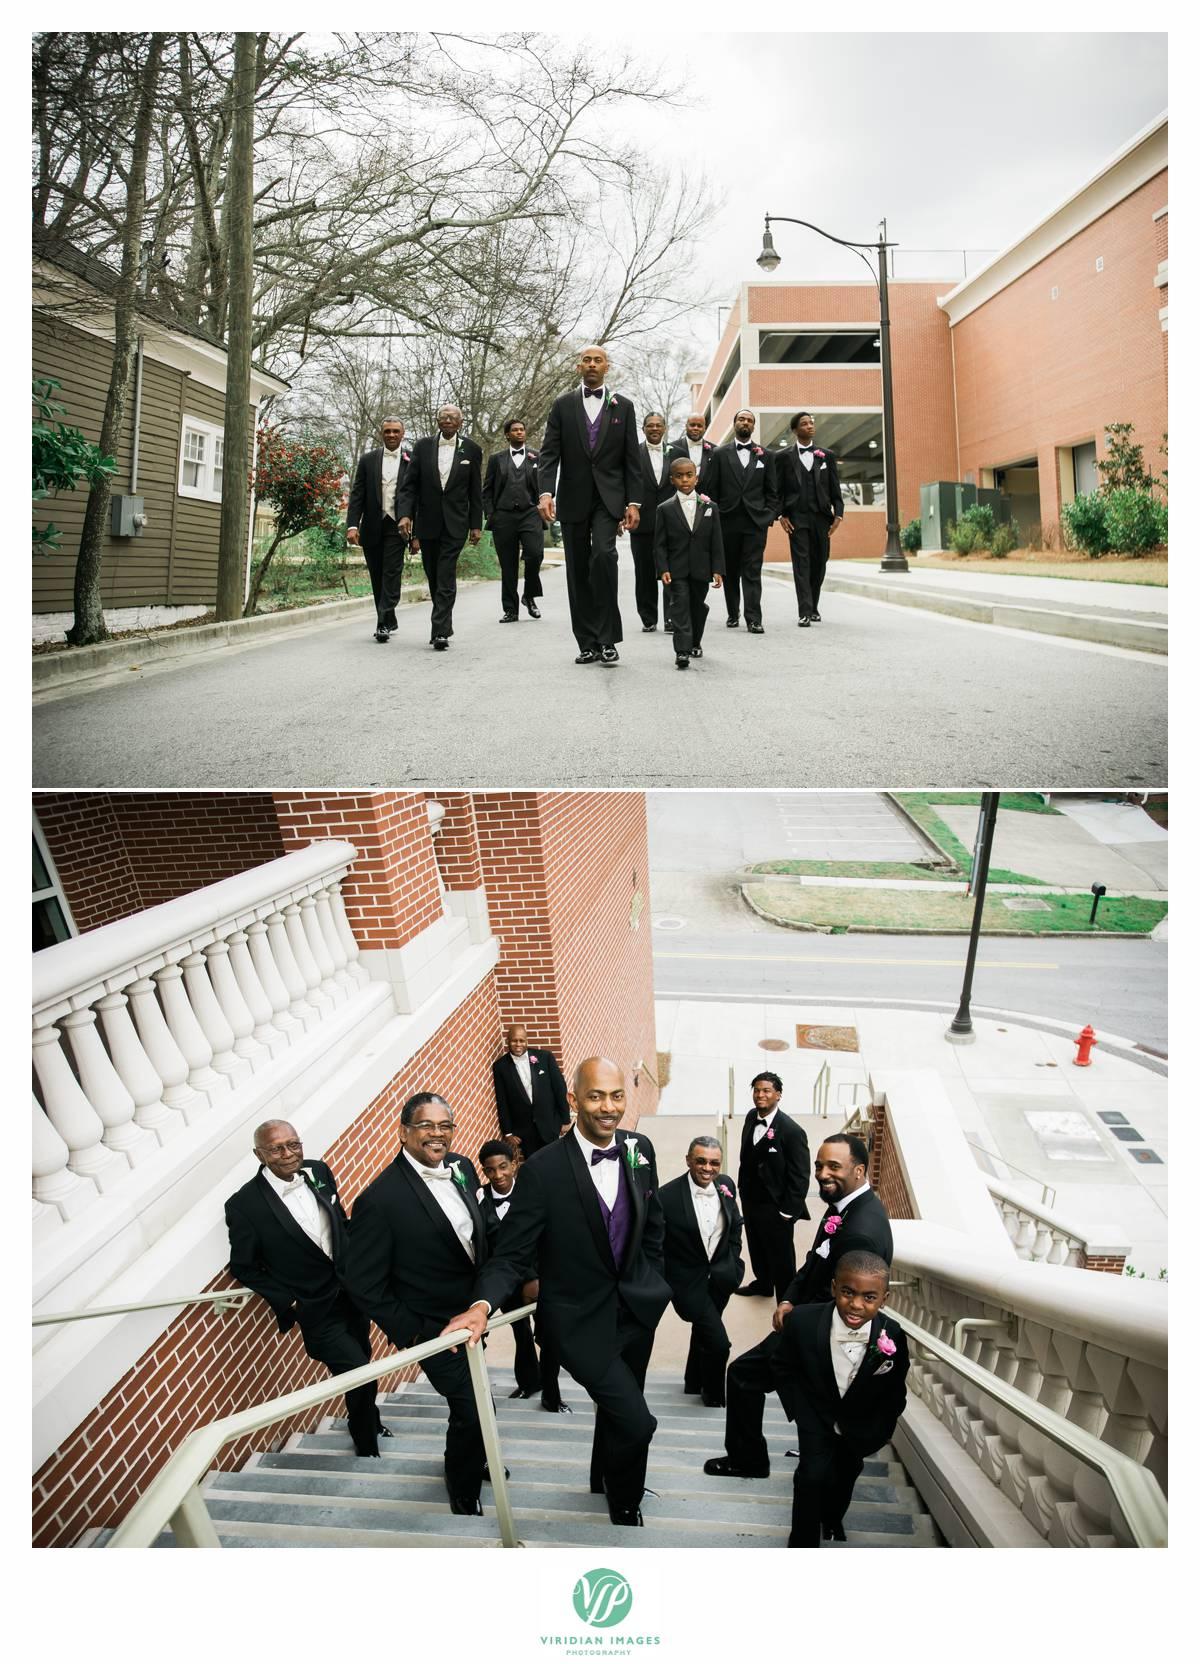 Douglasville-Wedding-John-Nicole-Viridian-Images-photo-7